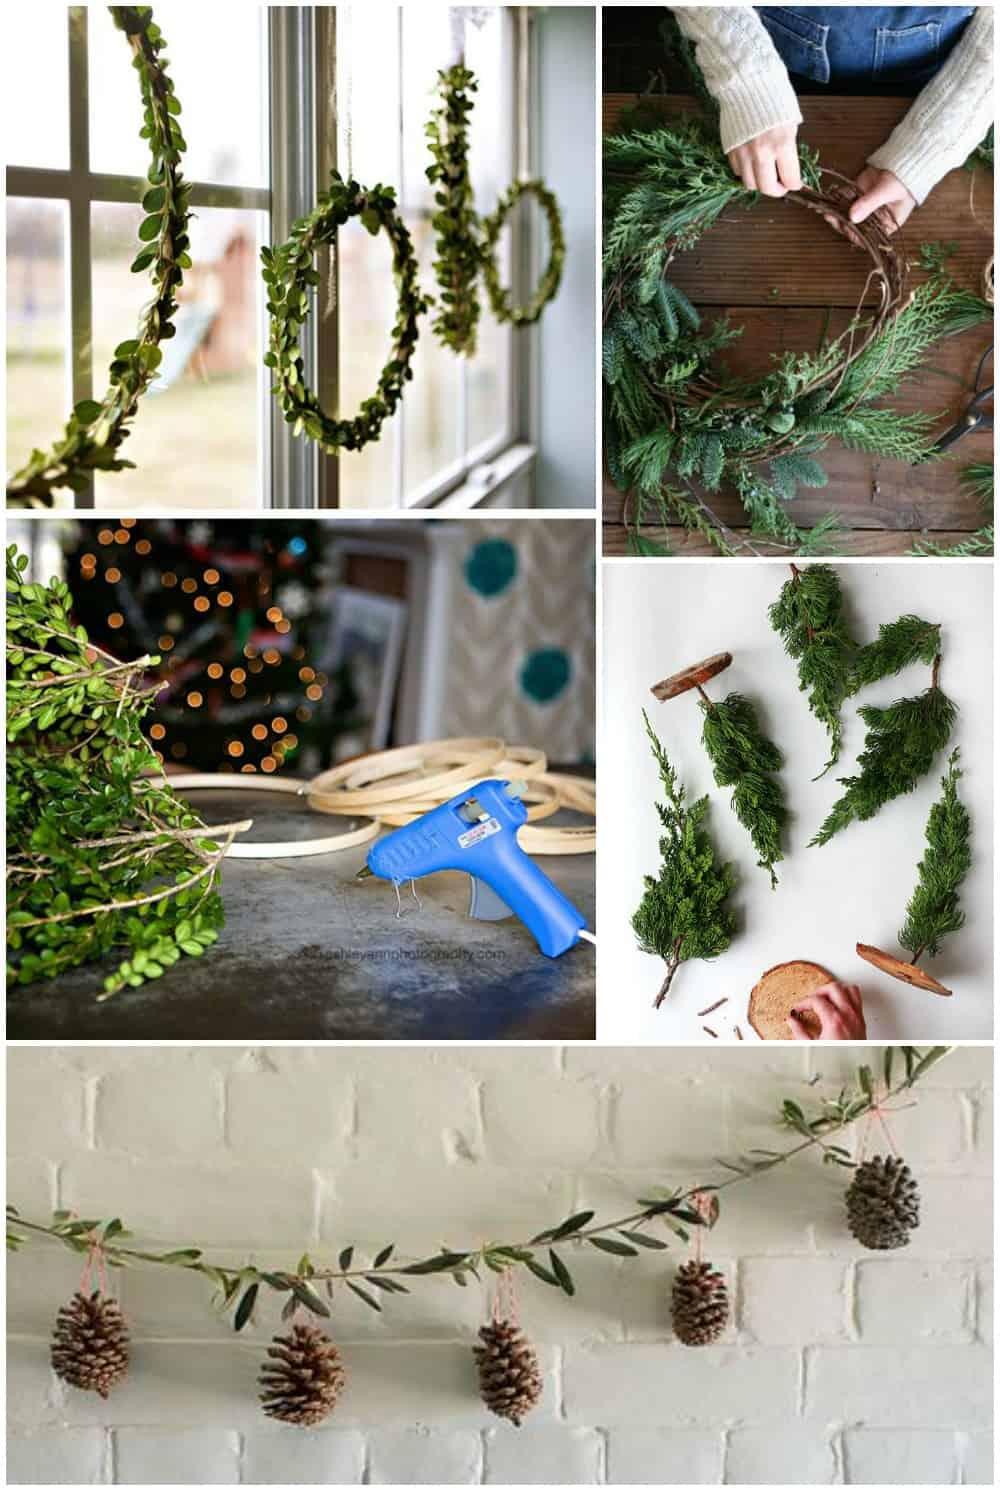 Natale arredo tendenze shabby chic stile scandinavo e for Arredare casa idee fai da te